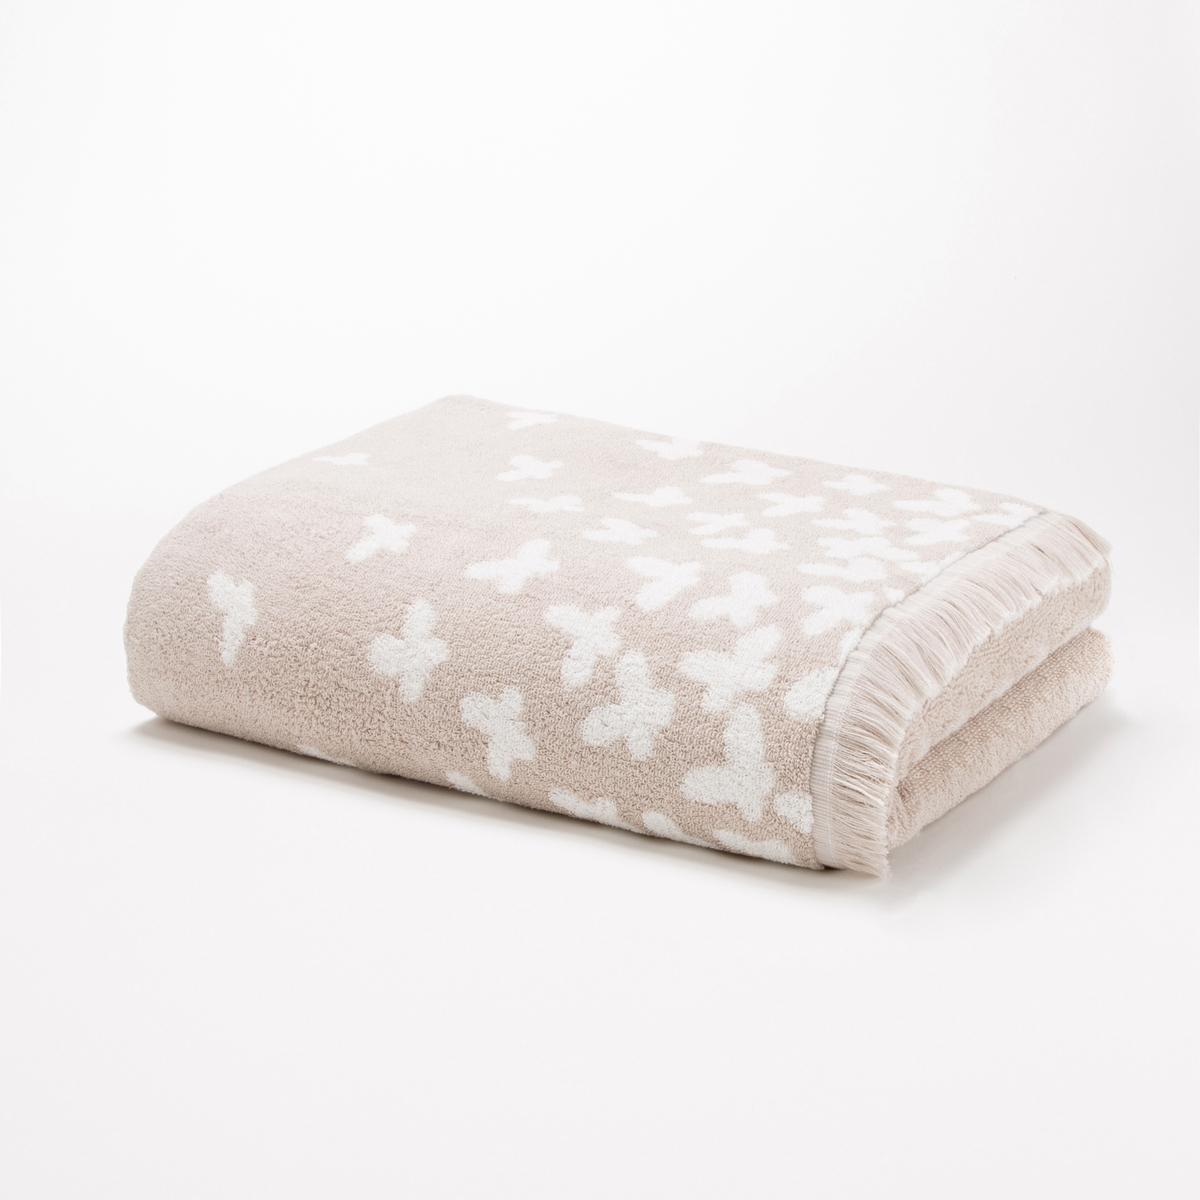 Полотенце махровое 500 г/м? - CANELOЭто махровое полотенце для ванной с рисунком белые бабочки на однотонном фоне обладает исключительными впитывающими свойствами, комфортом и невероятной мягкостью .Характеристики махрового полотенца - CANELO  :Мелкая пряжа 100% хлопок, 500 г/м? Отделка бахромойРисунок белые бабочки на однотонном фоне .Машинная стирка при 60 °СРазмеры махрового полотенца - CANELO : 50 x 100 смНайдите гамму CANELO в другой расцветке и другие модели на сайте laredoute.ru<br><br>Цвет: серо-бежевый<br>Размер: 50 x 100 см